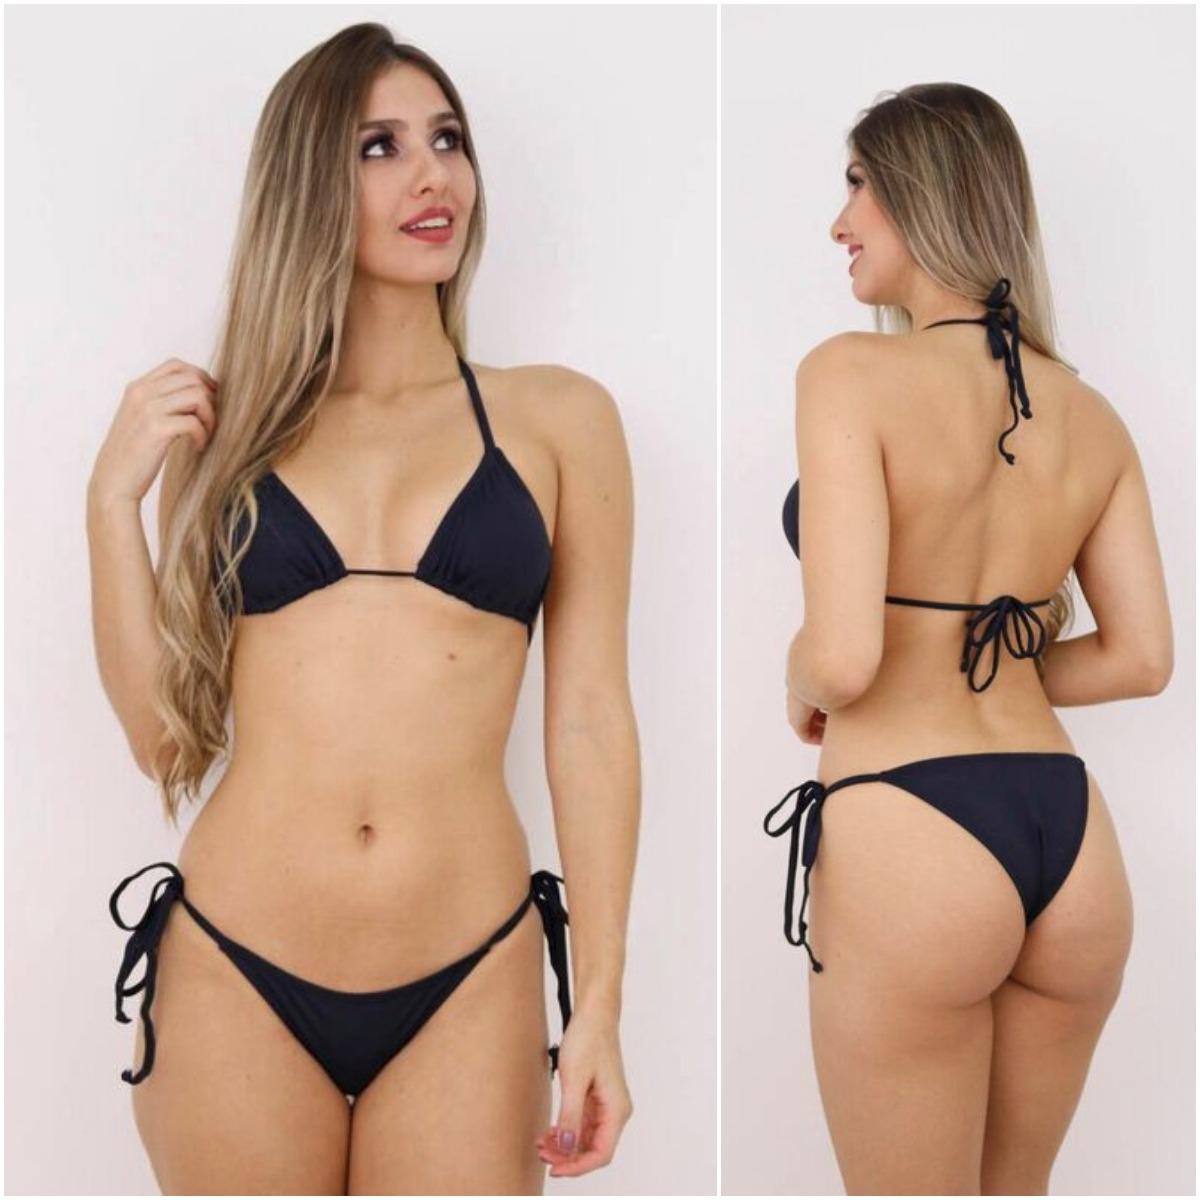 430ec73f1 Biquíni Cortininha Colorful Feminino Moda Praia Verão B12 - R$ 99,90 ...